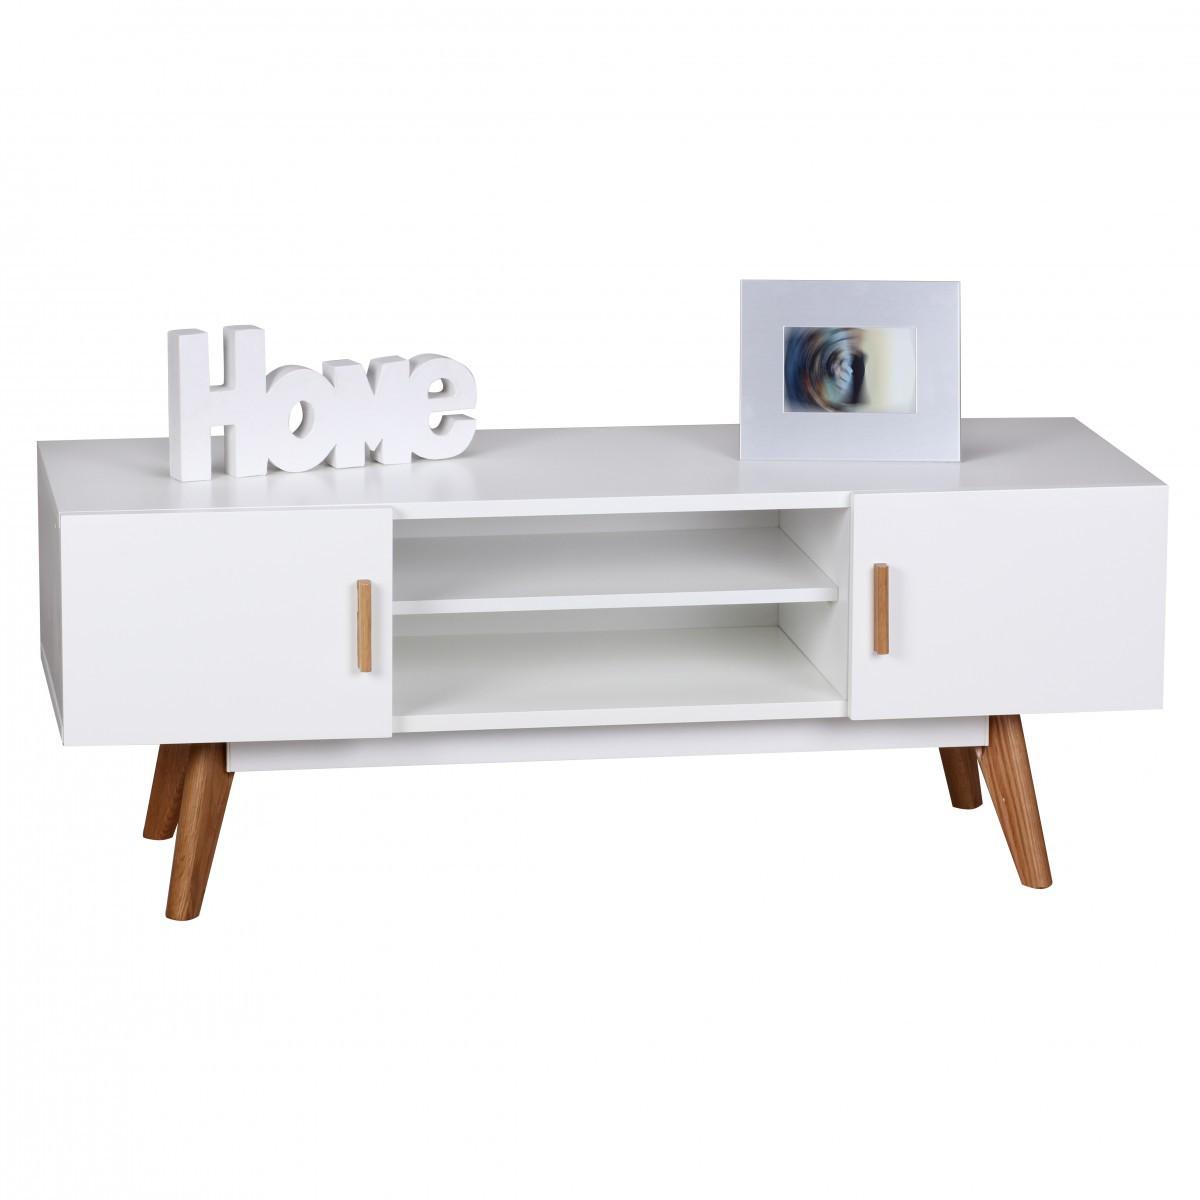 Finebuy lowboard 120 cm fernsehschrank tv board 2 t ren fernsehekommode wei finebuy - Meuble tv 90 cm longueur ...